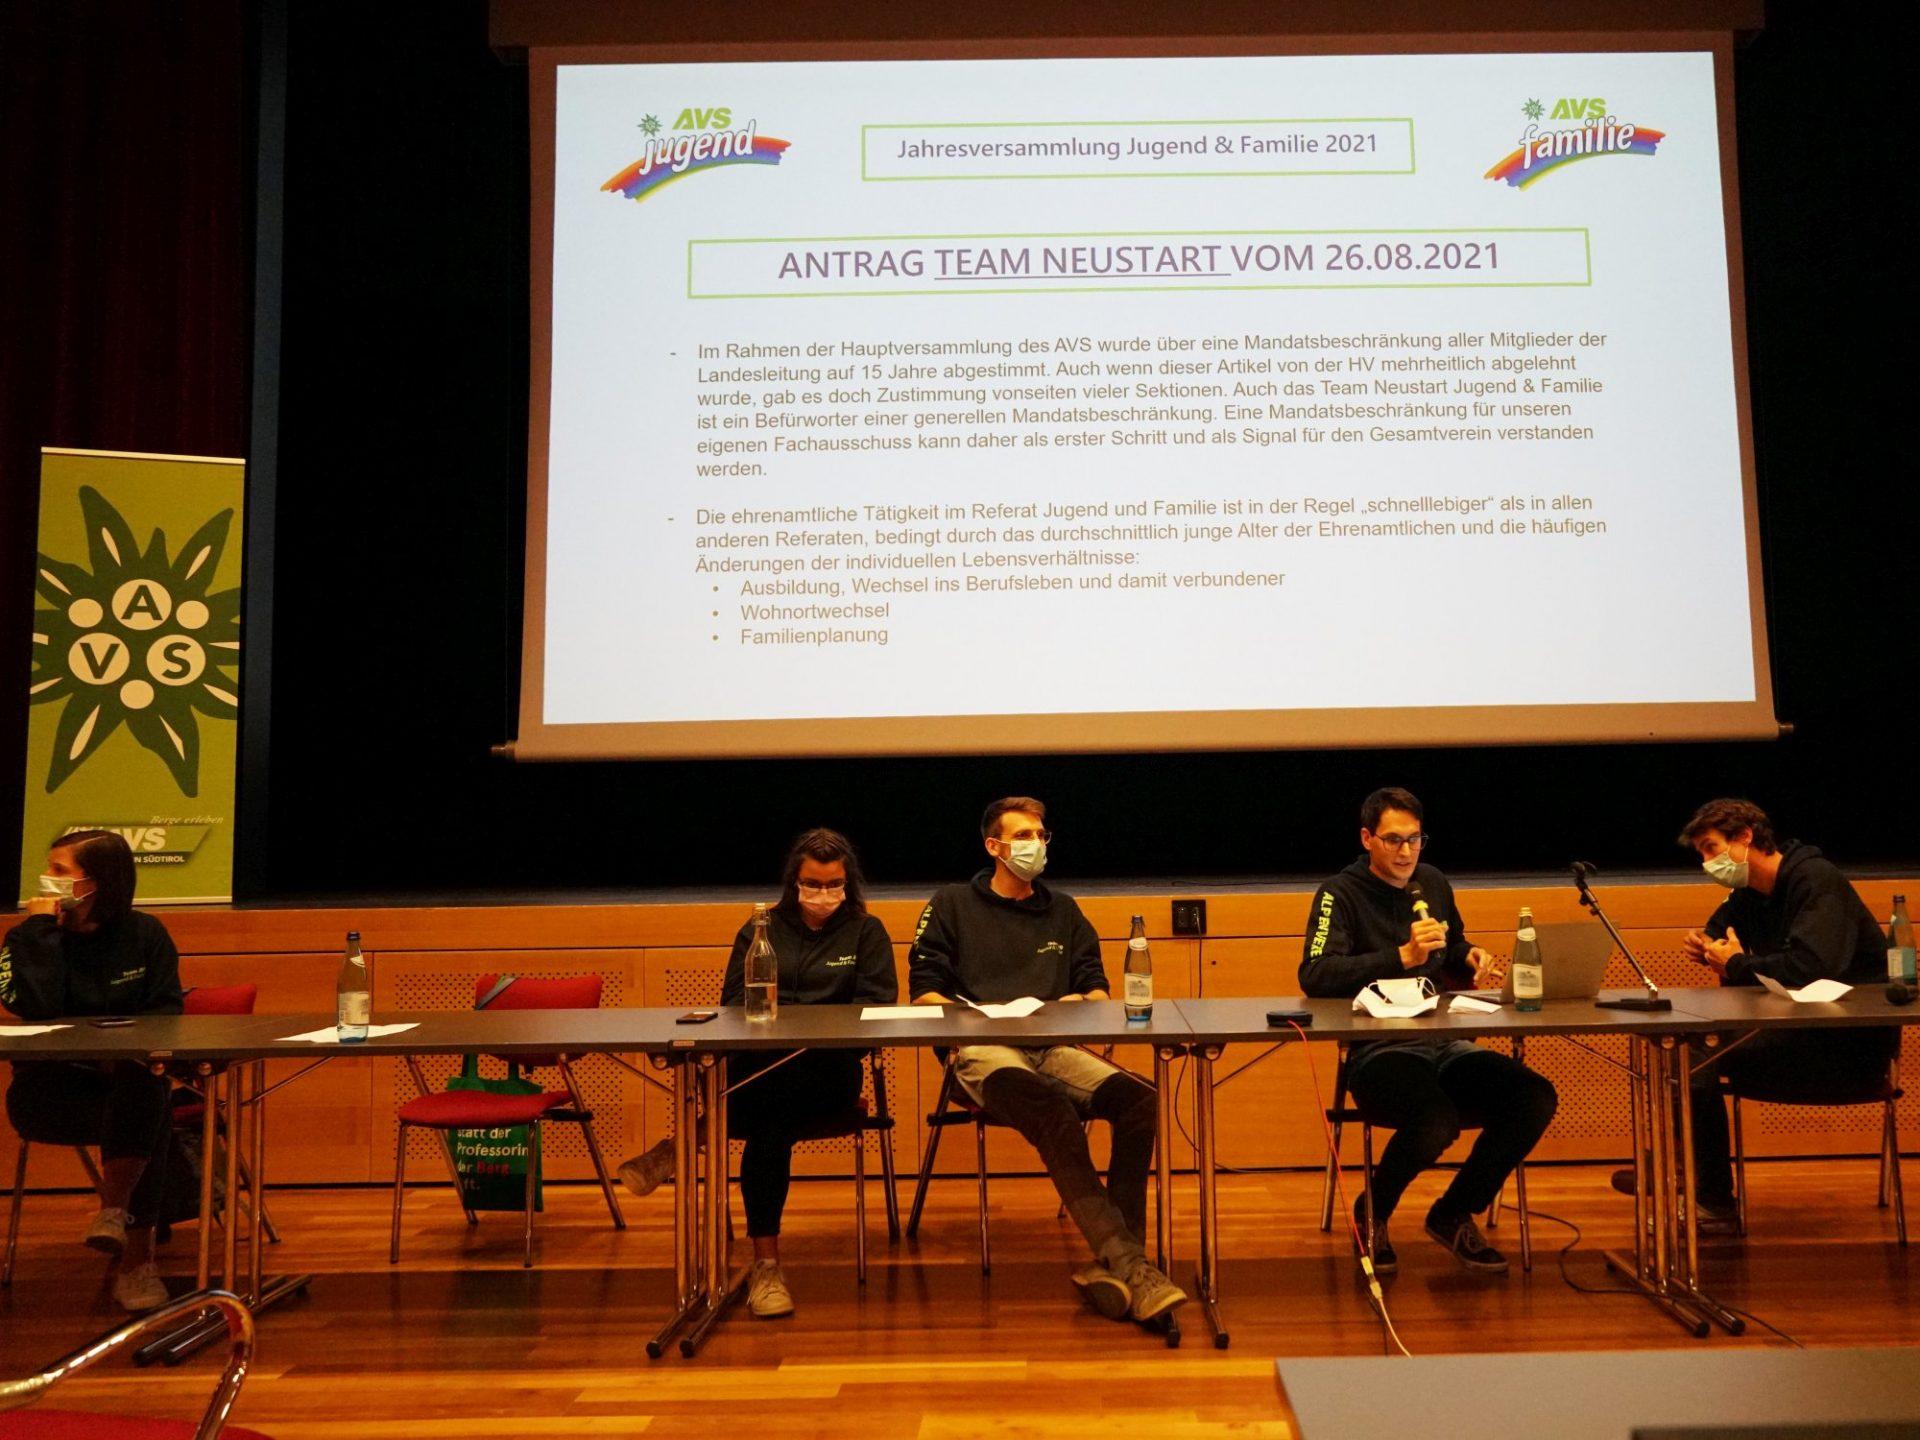 Jahresversammlung AVS Jugend & Familie I(c) AVS Jugend & Familie I AVS